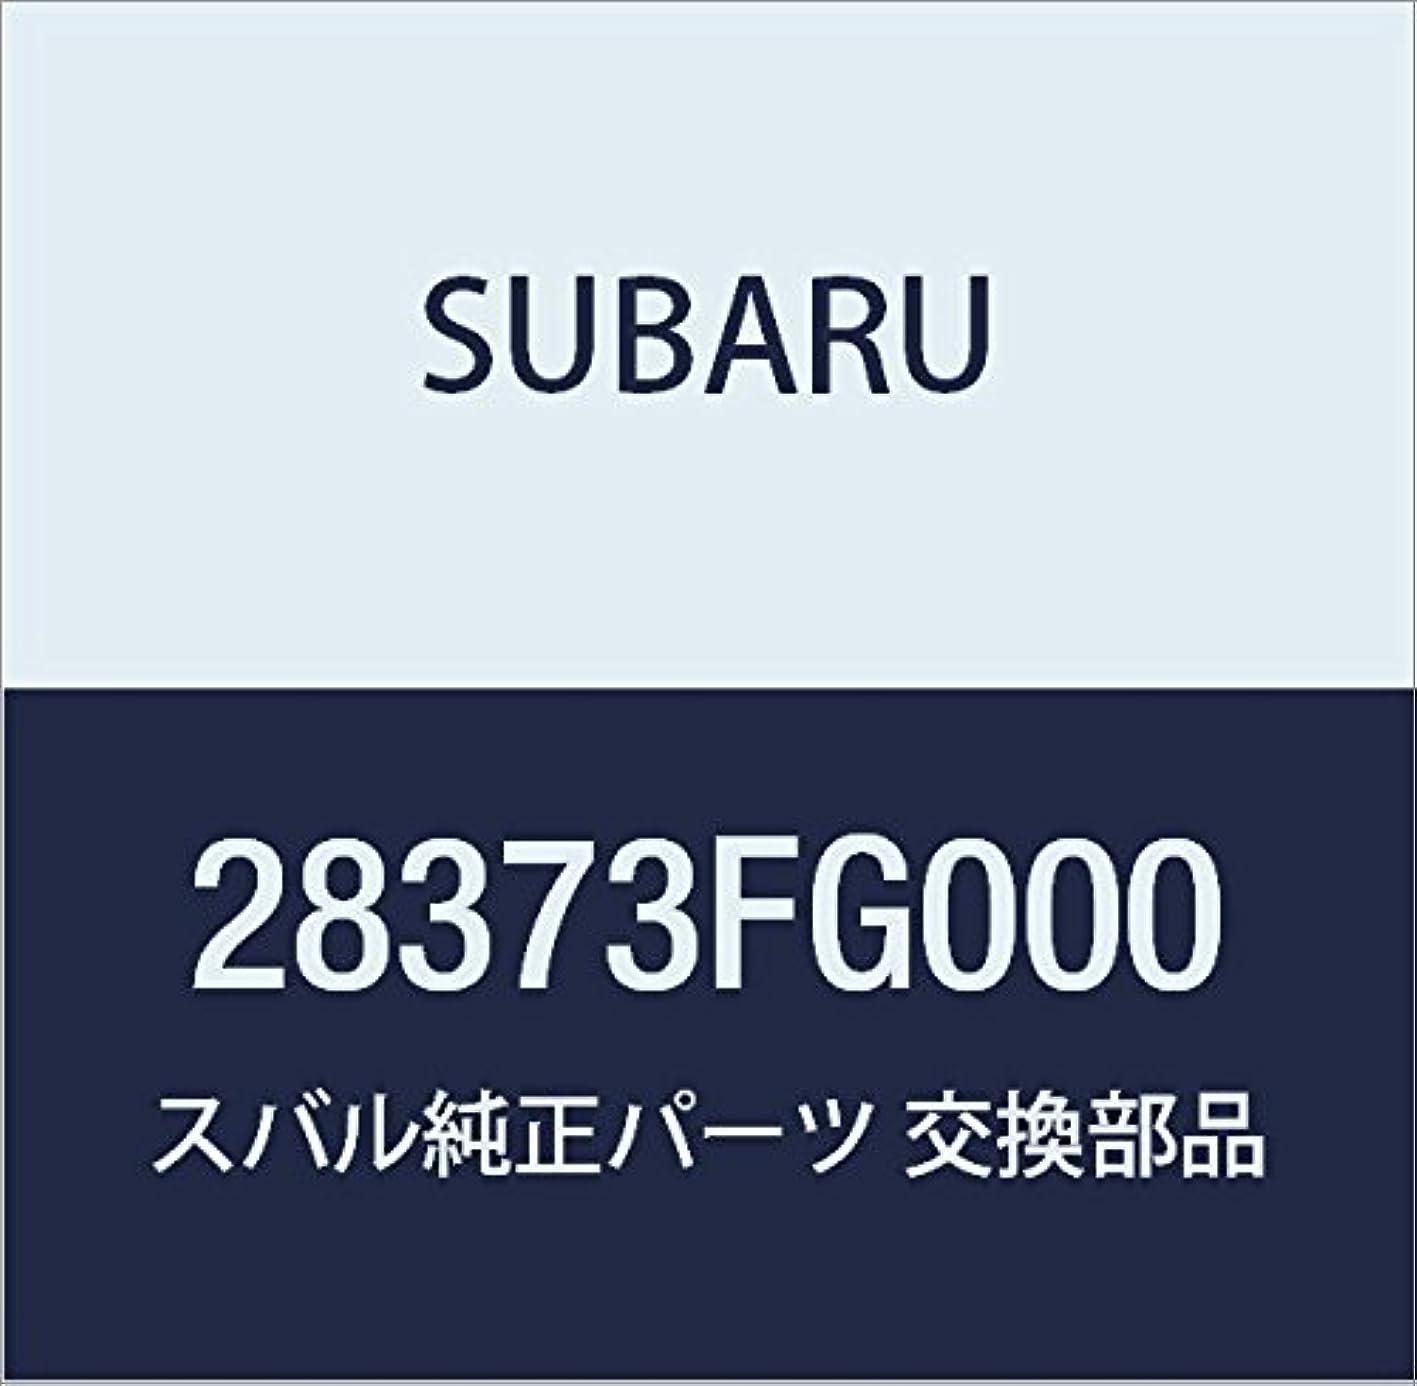 トマト利点ブッシュSUBARU (スバル) 純正部品 ベアリング フロント アクスル 品番28316AE000